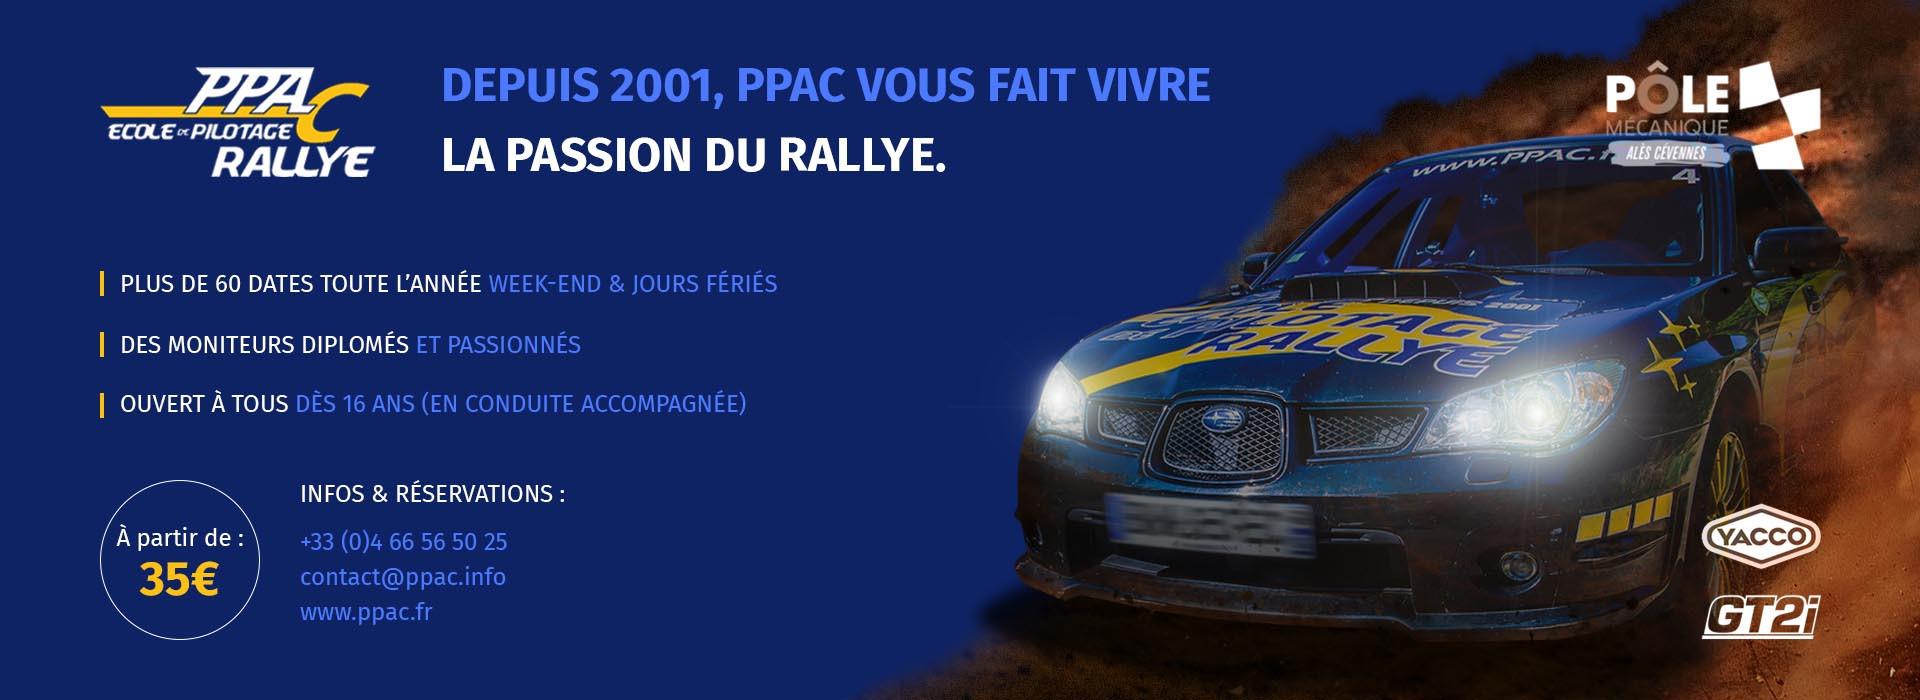 PPAC : Pilotage Rallye à Alès, site officiel